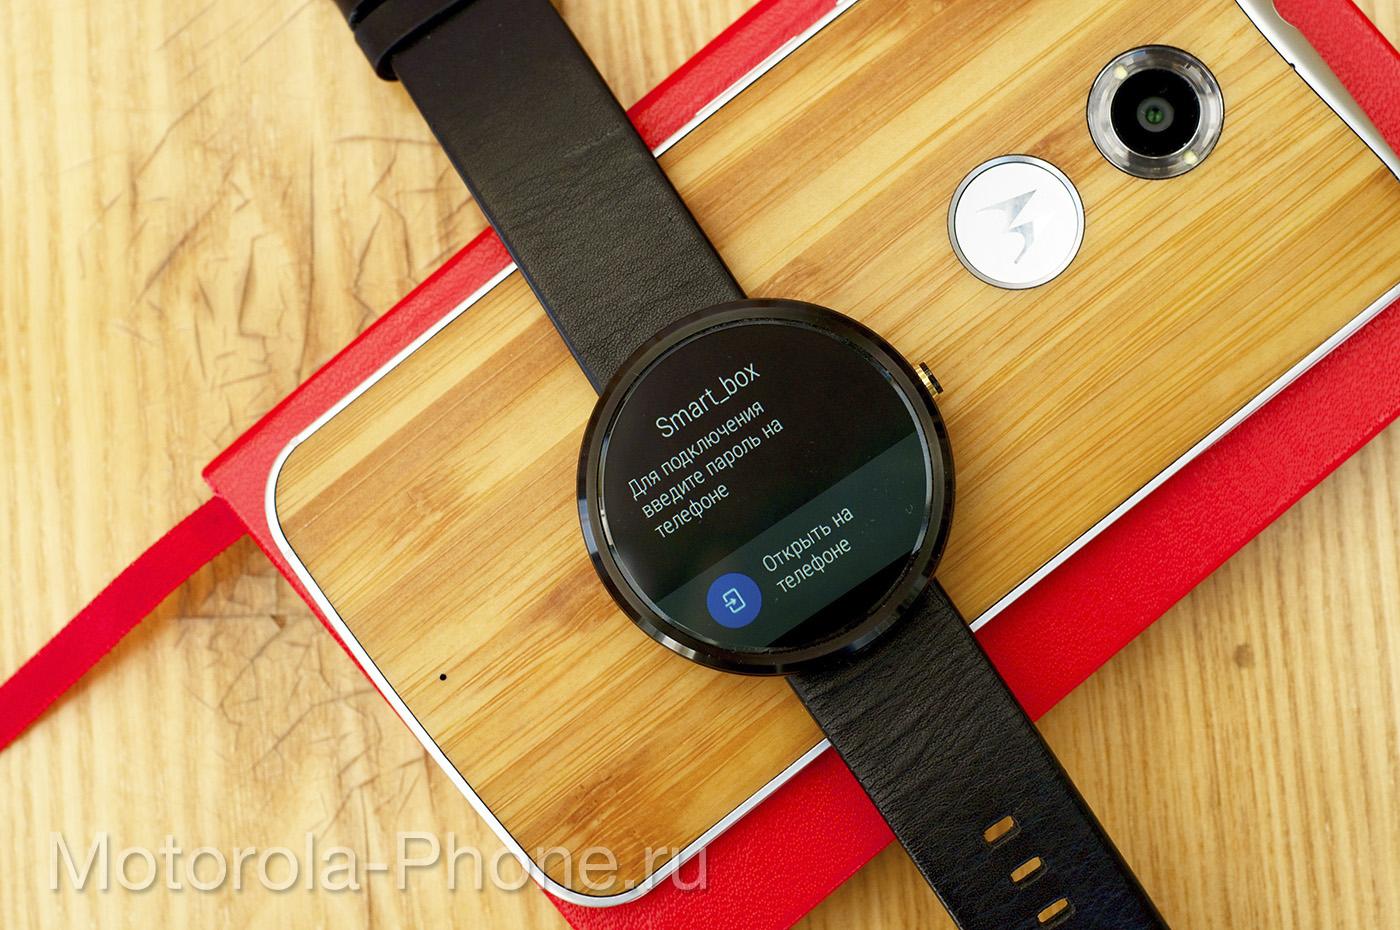 Motorola-Moto-360-Android-Wear-5-1-12 copy